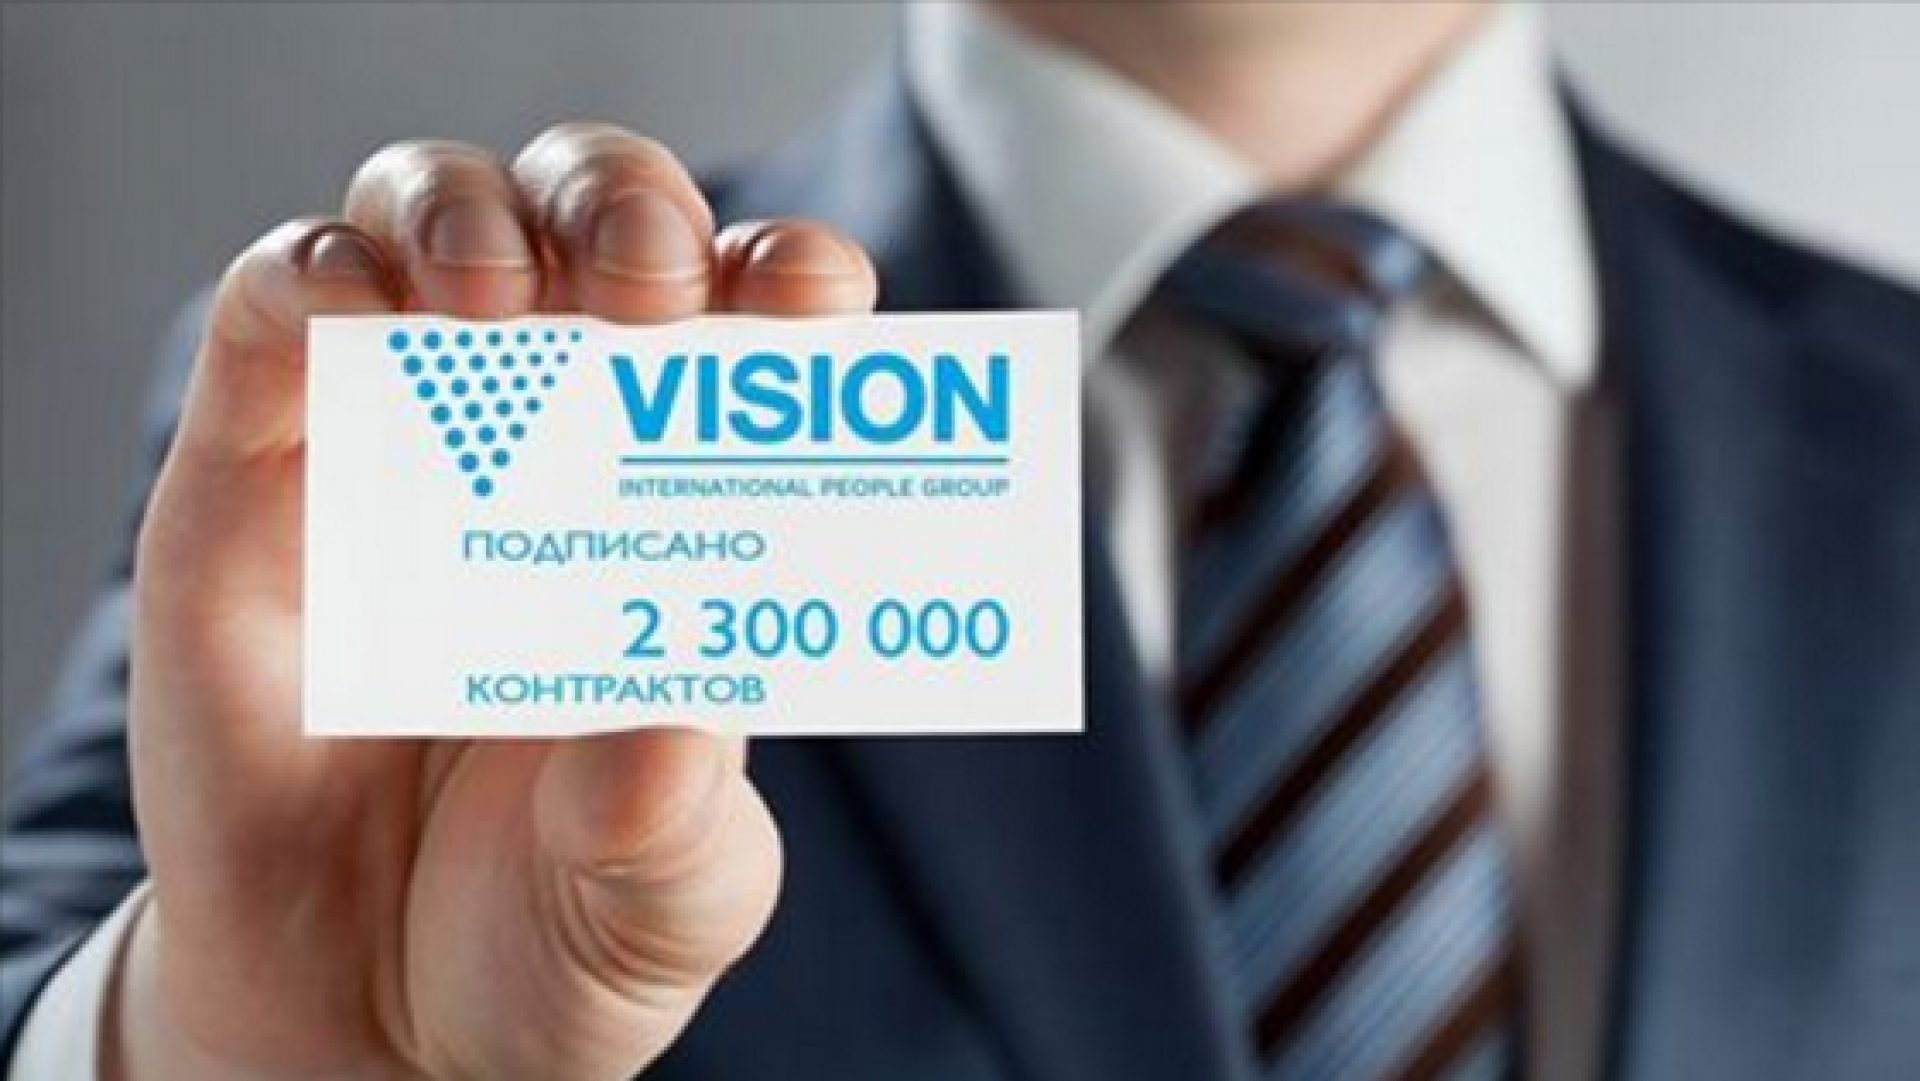 Visionbiobg